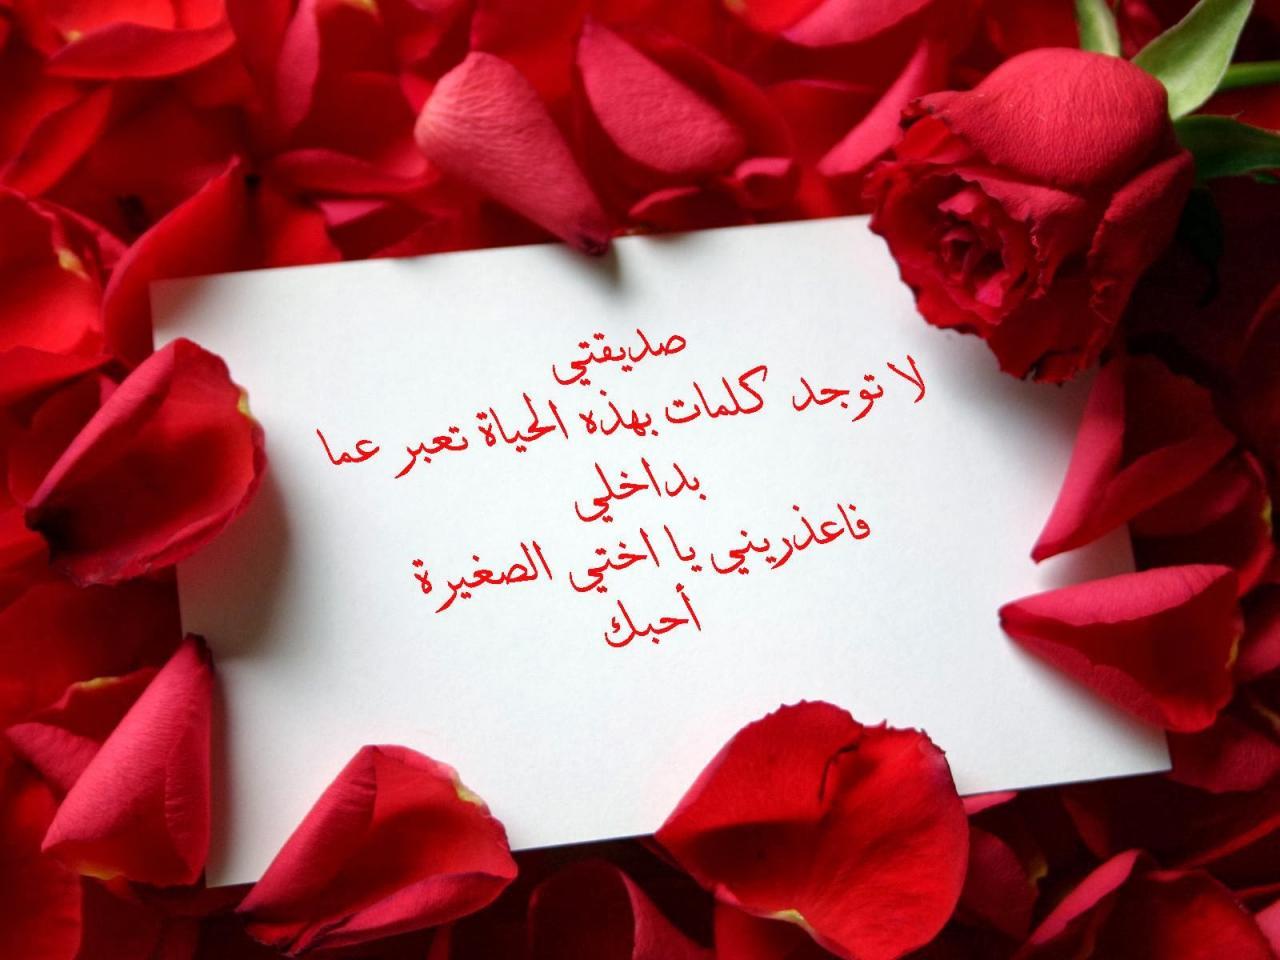 صورة ورود جميلة مع كلام جميل , اصطباحة الورد